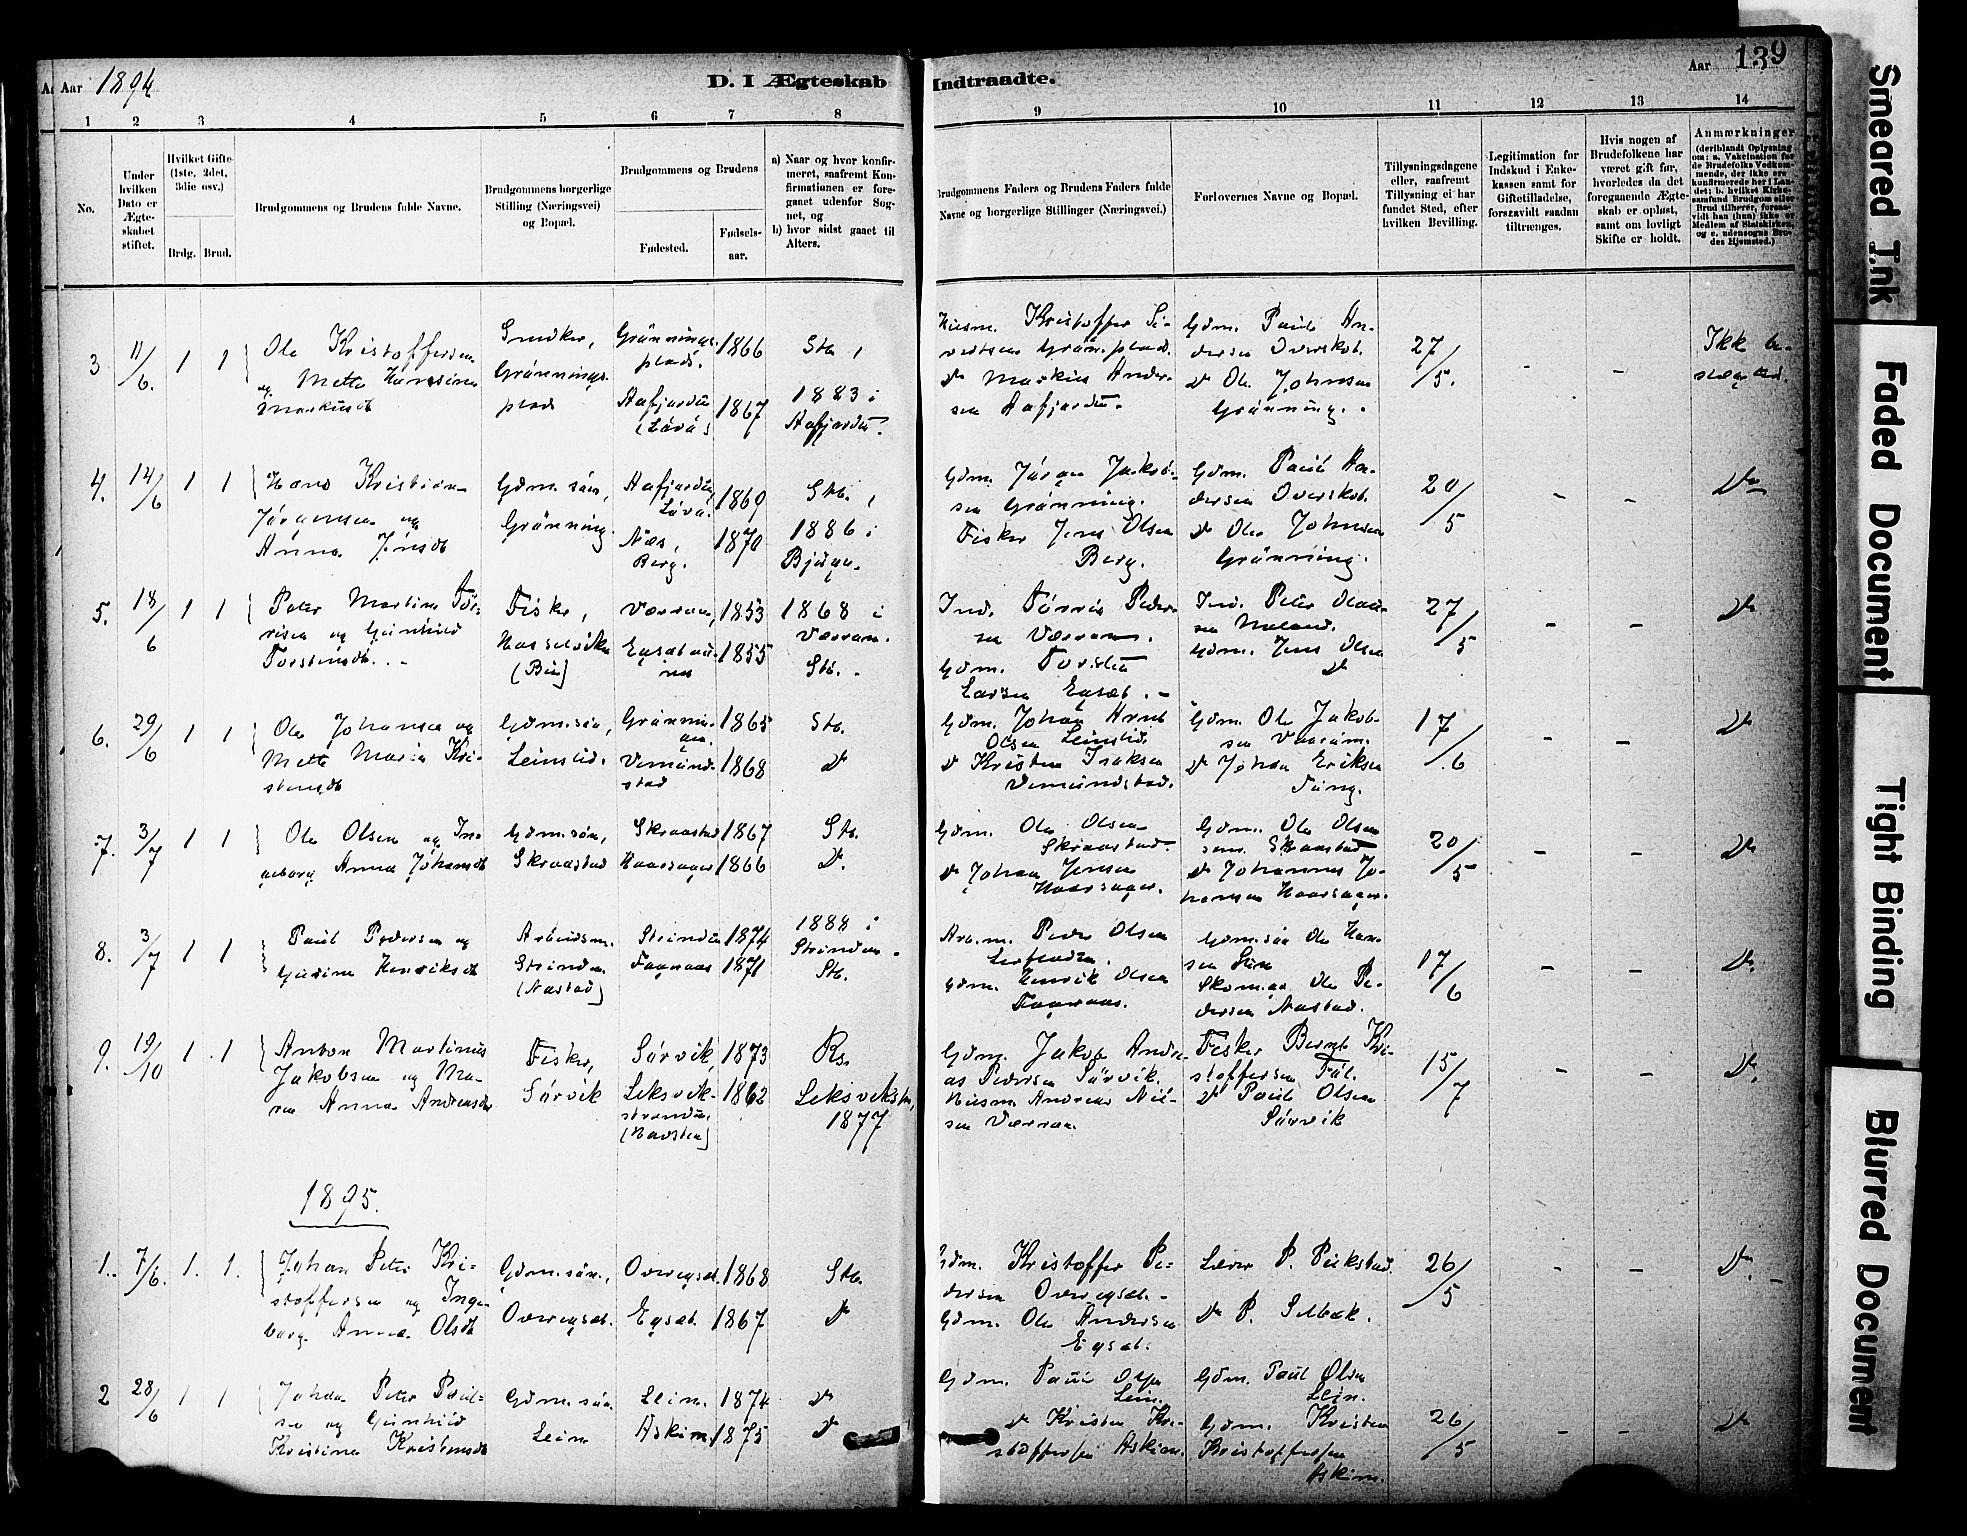 SAT, Ministerialprotokoller, klokkerbøker og fødselsregistre - Sør-Trøndelag, 646/L0615: Ministerialbok nr. 646A13, 1885-1900, s. 139